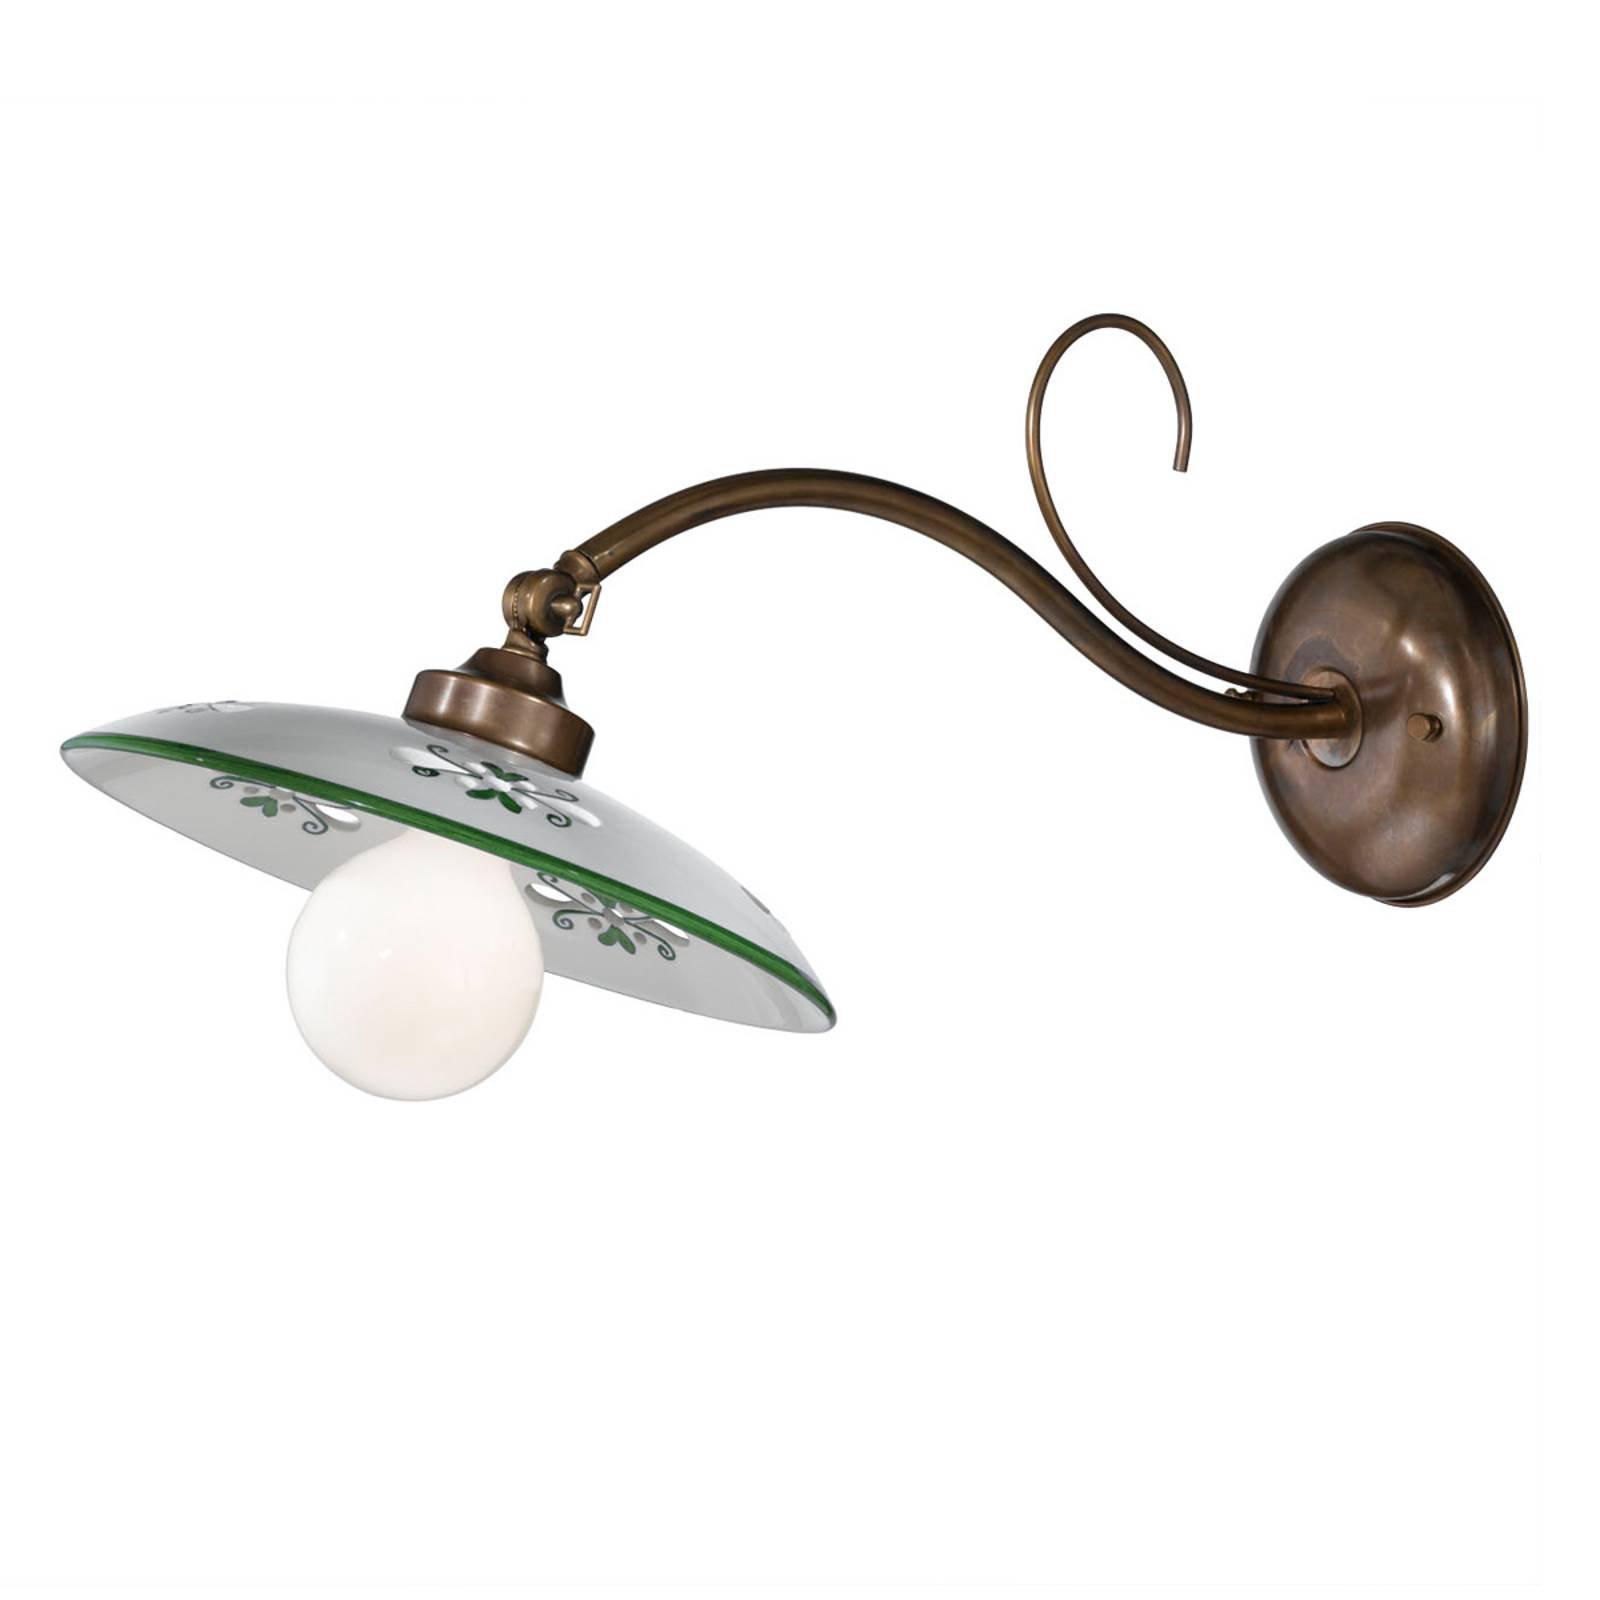 Vegglampe Bassano, keramisk skjerm, utgående grønn